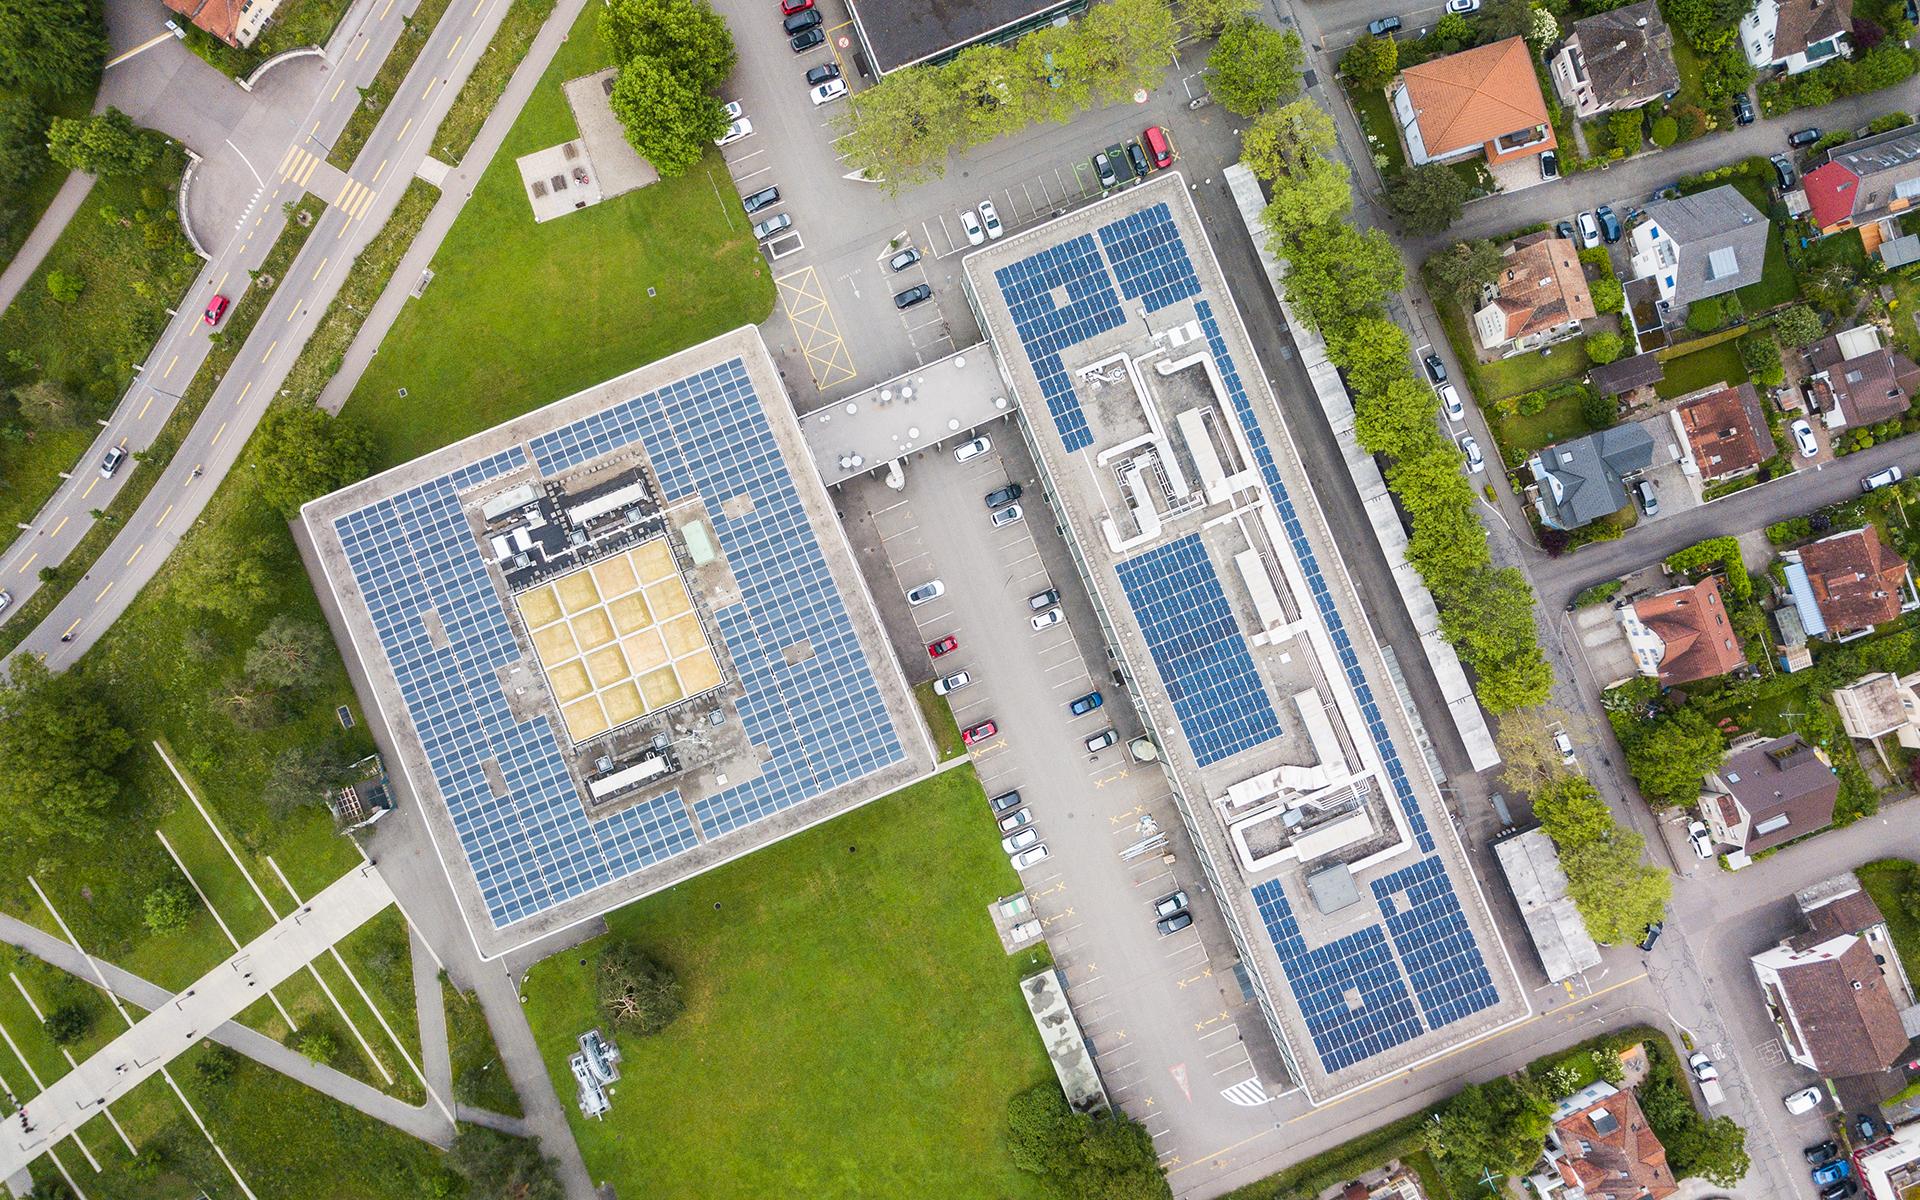 solaranlage-gebäude2_high.jpg